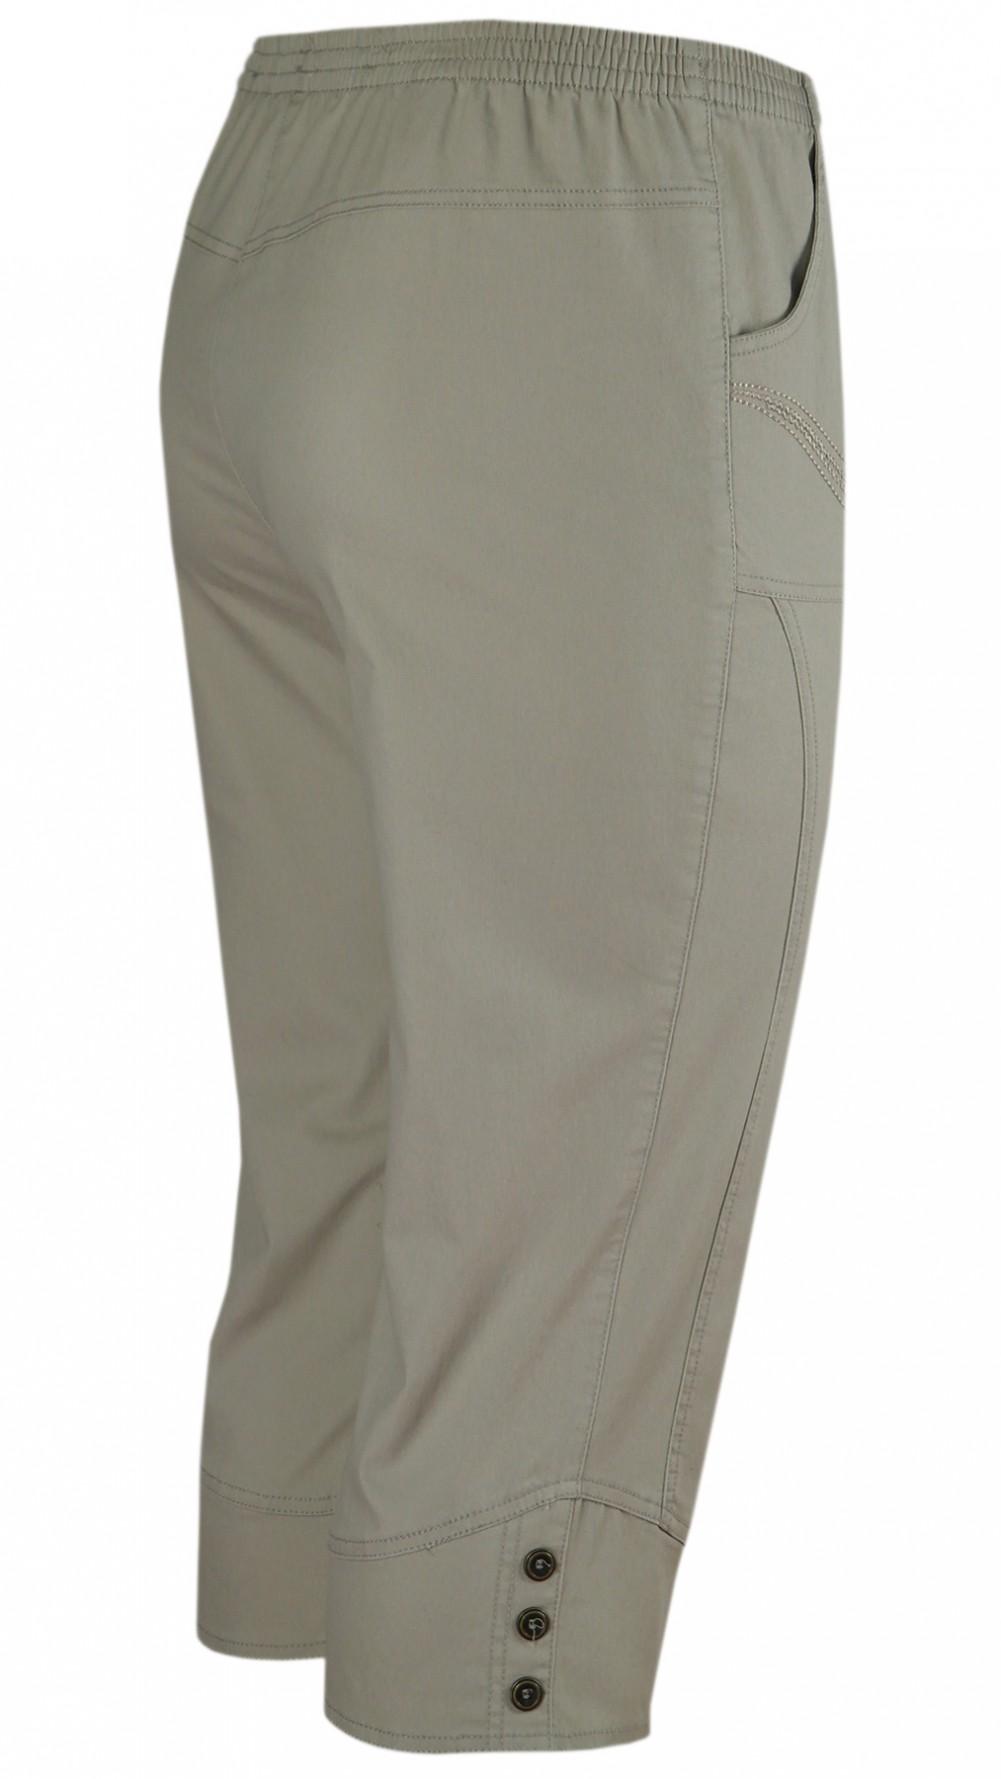 Damen Capri Stretch-Jeans Caprihose Schlupfhose - Beige